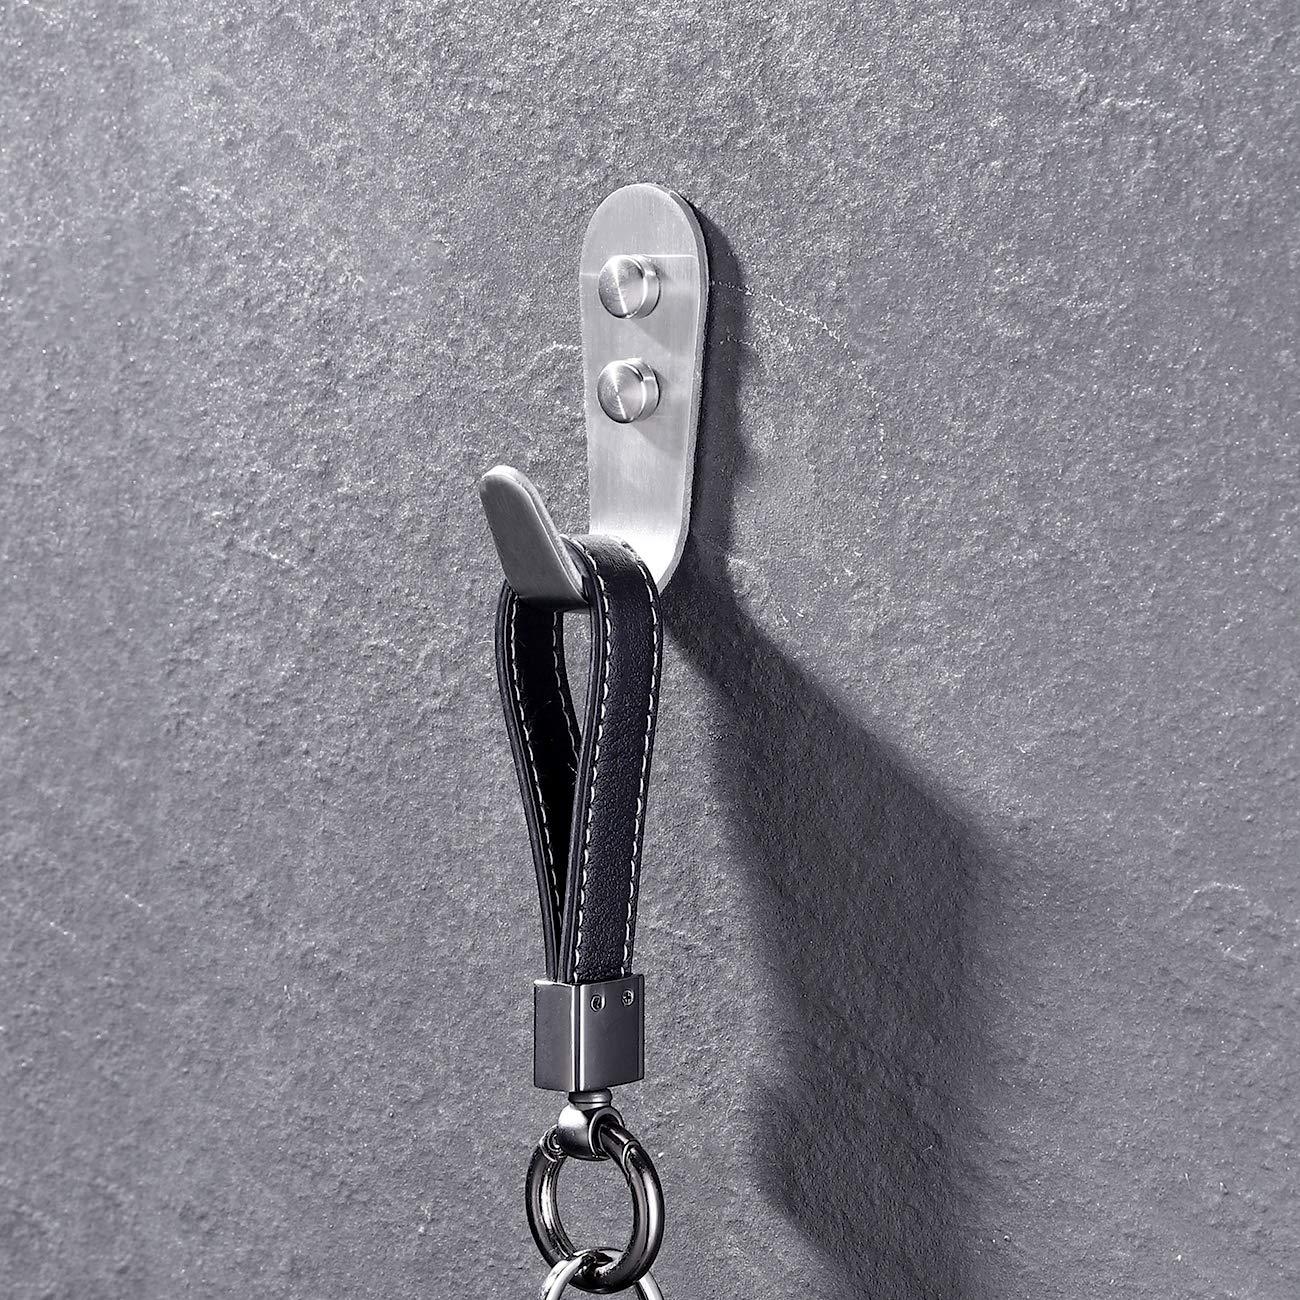 KES Doppelhaken Kleiderhaken Garderobenhaken Handtuchhaken aus hochwertigem Edelstahl mit Deckel zur Wandmontage Geb/ürsteter A2164-2